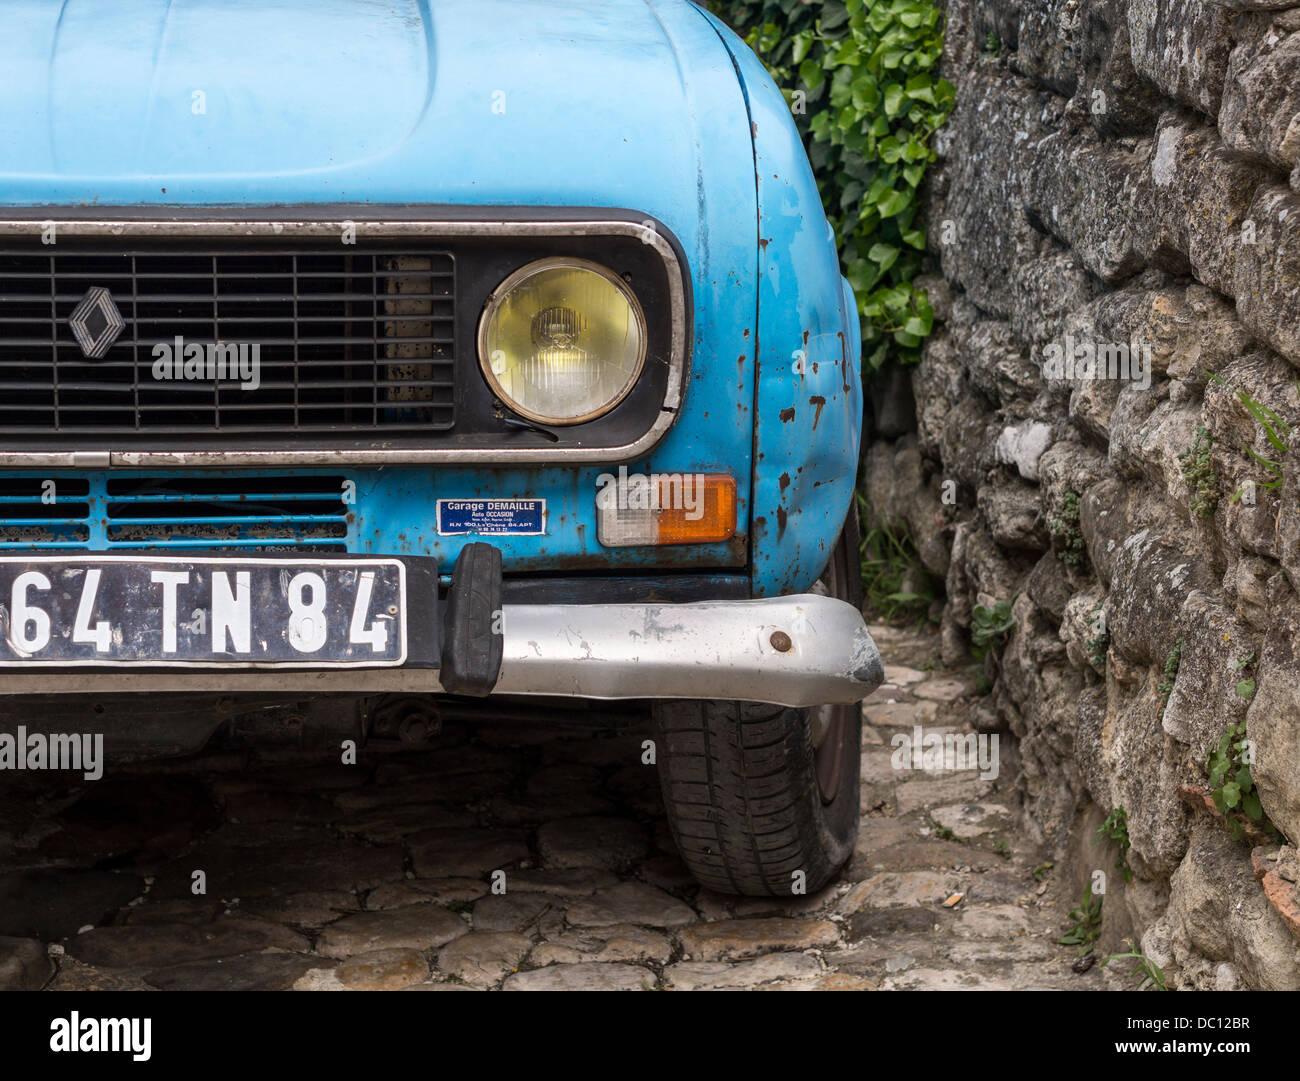 Azul brillante Citron viejo coche. Detalle de la esquina bastante maltrecha viejo automóvil aparcado al lado Imagen De Stock